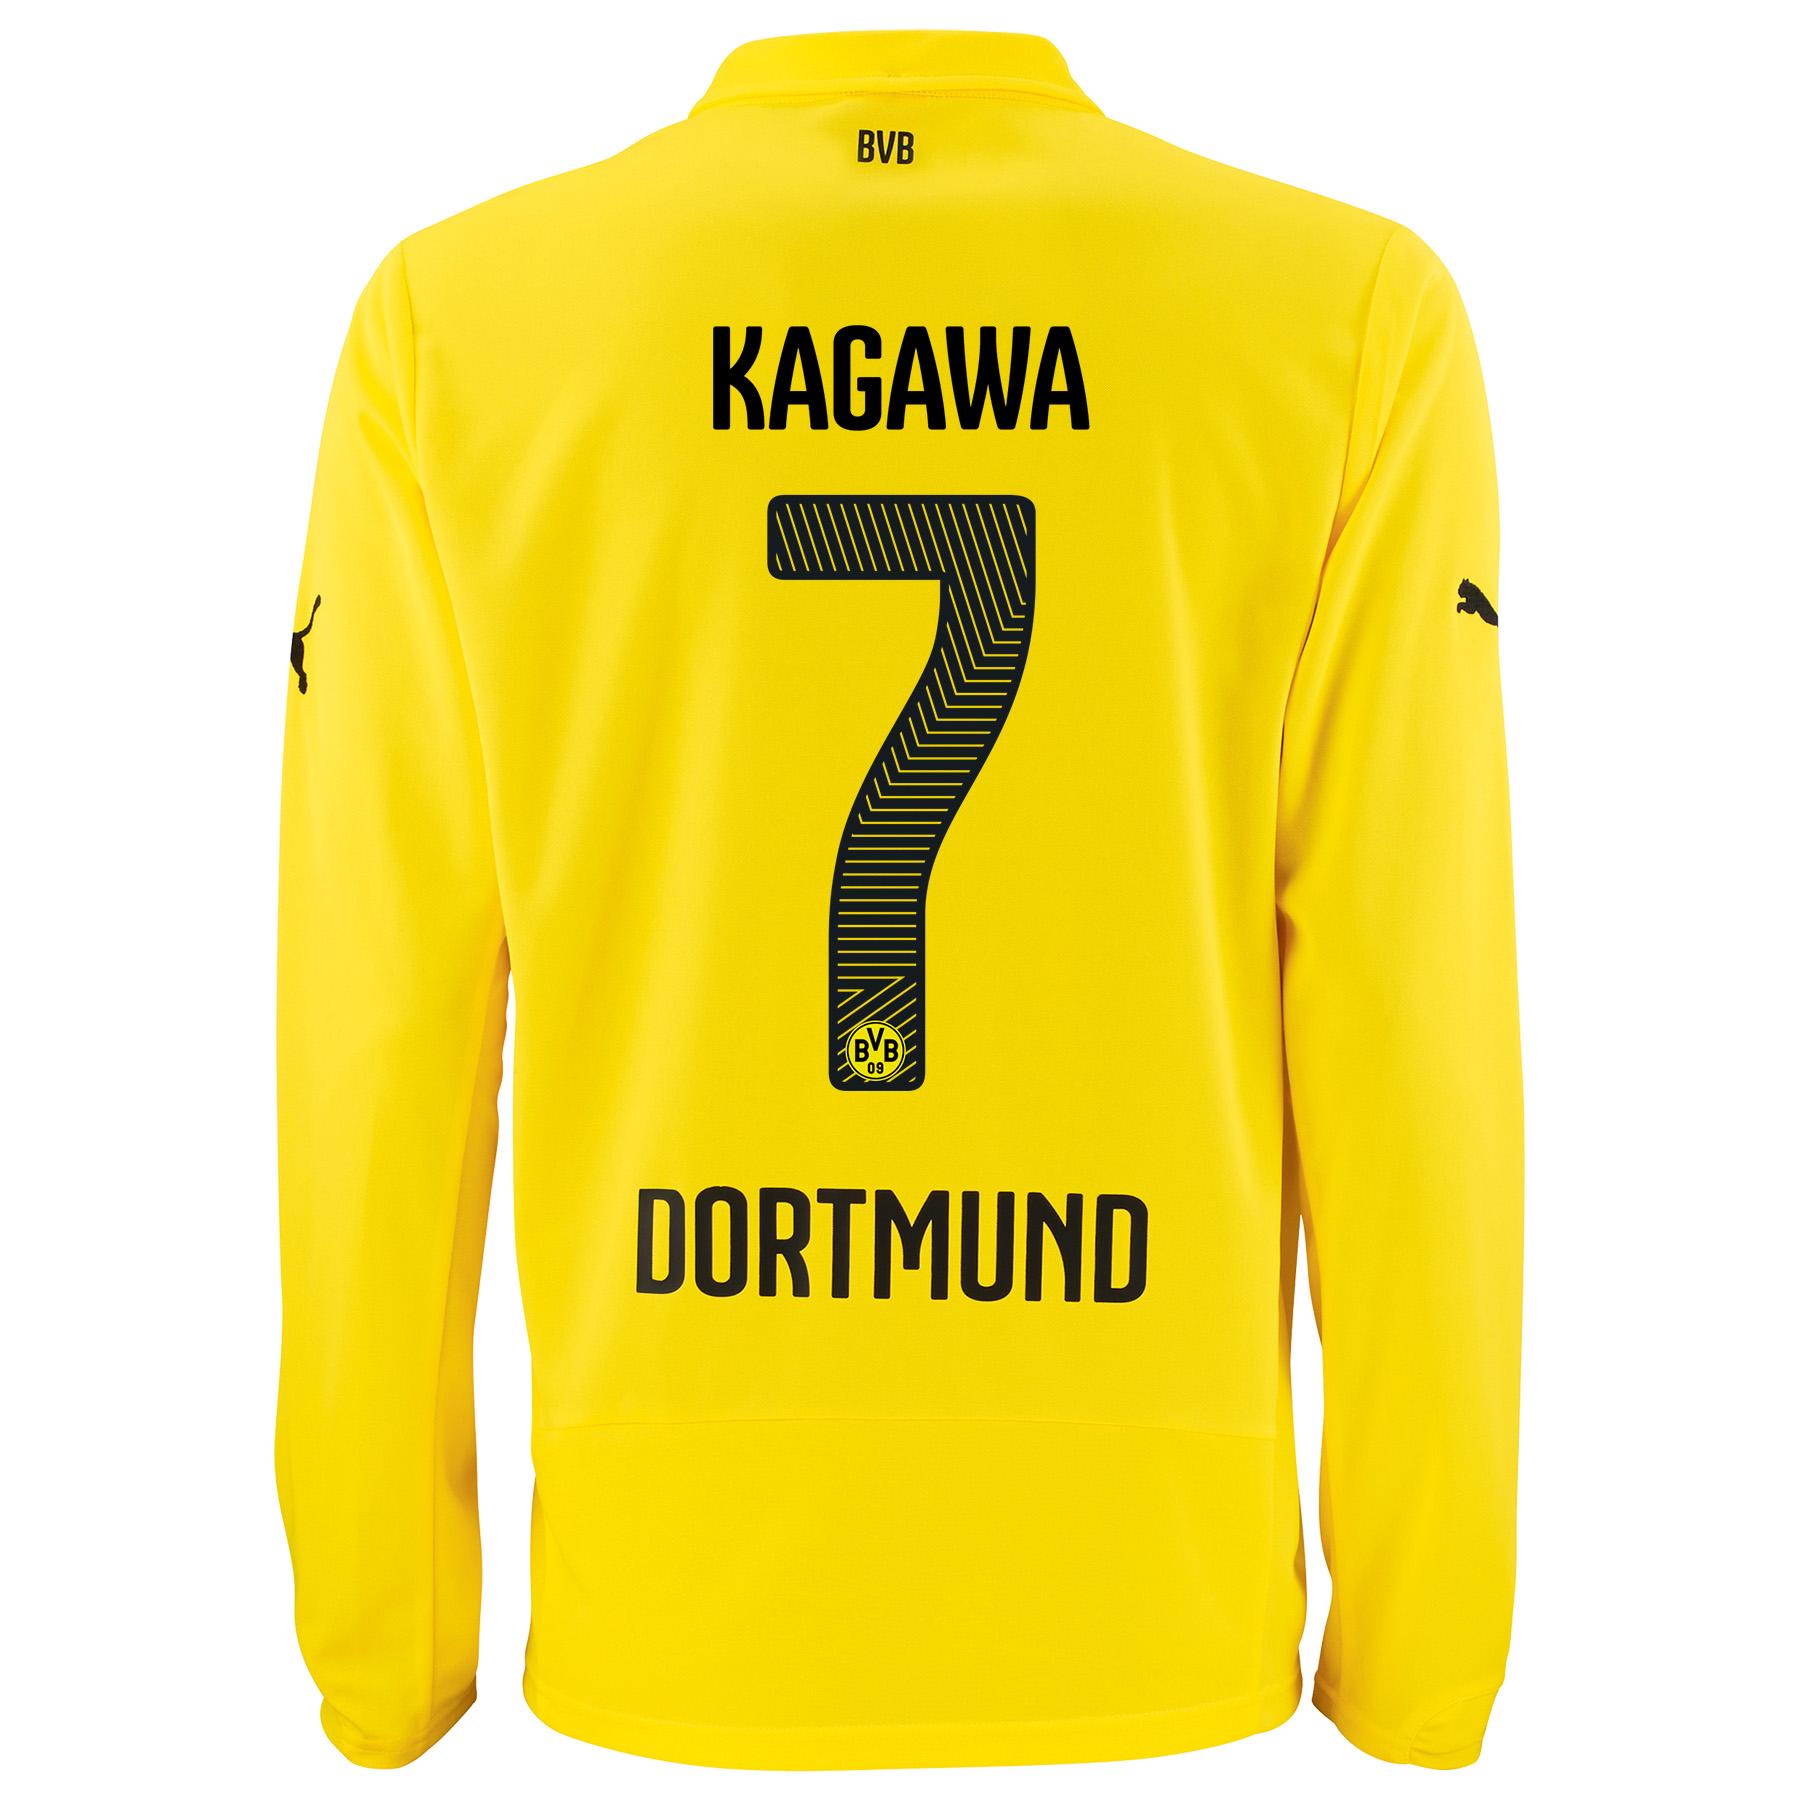 BVB International Home Shirt 2014/15 - Long Sleeve - Kids with Kagawa 7 printing